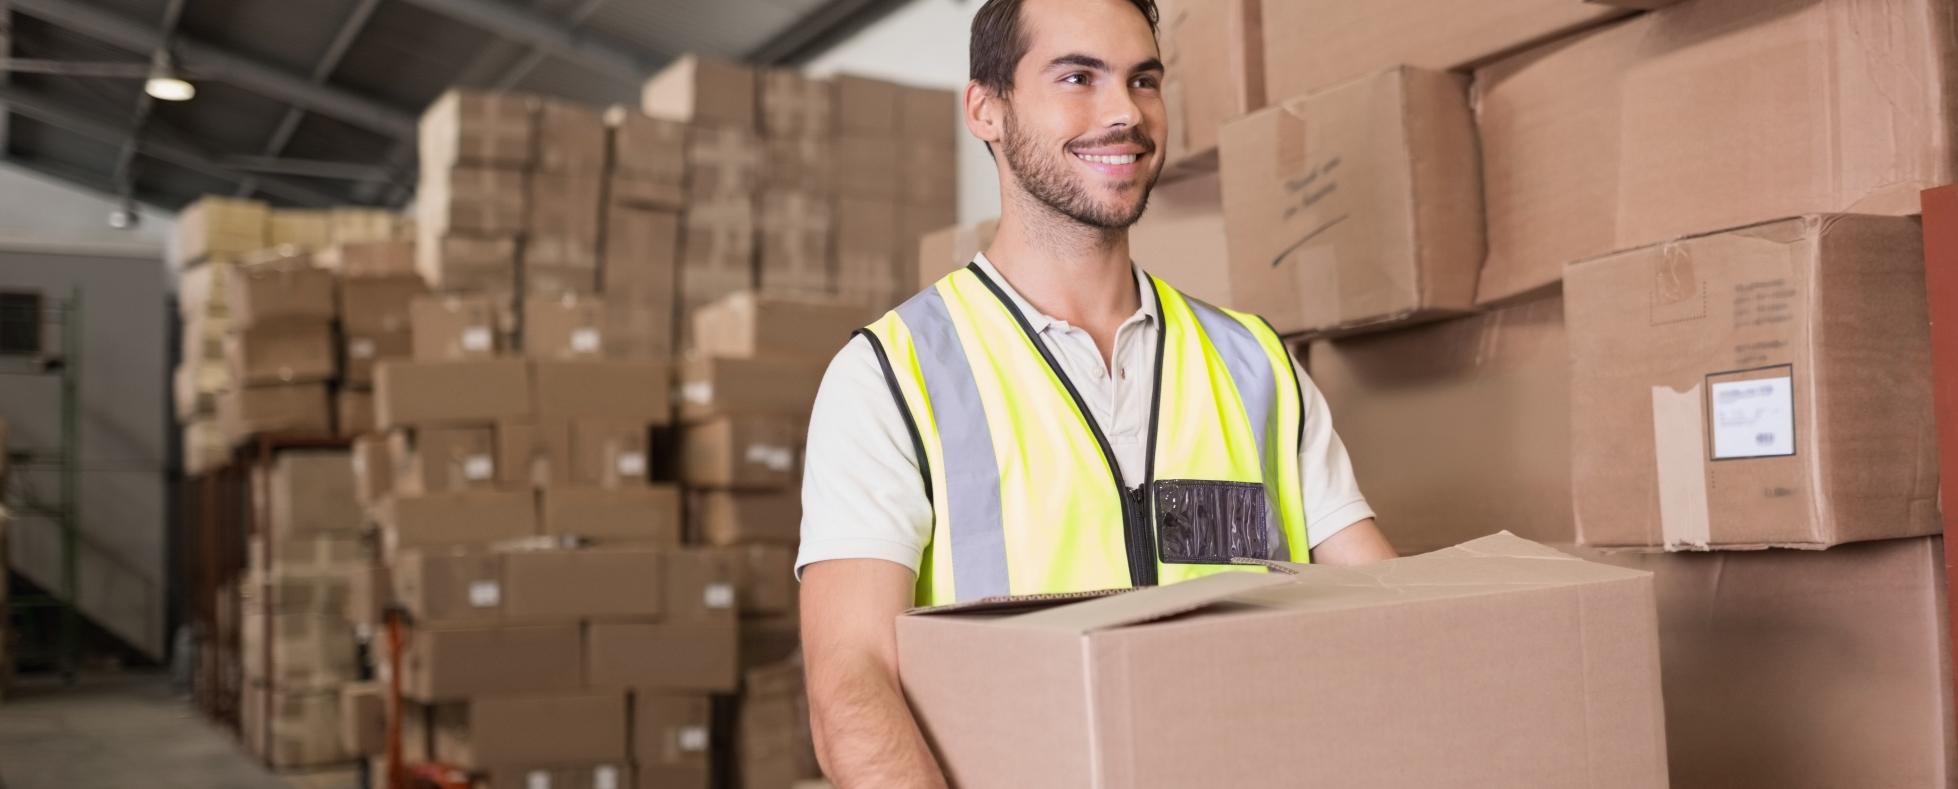 Továbbra is 10 százalék felett a fizikai dolgozók órabérének növekedési üteme egy felmérés szerint